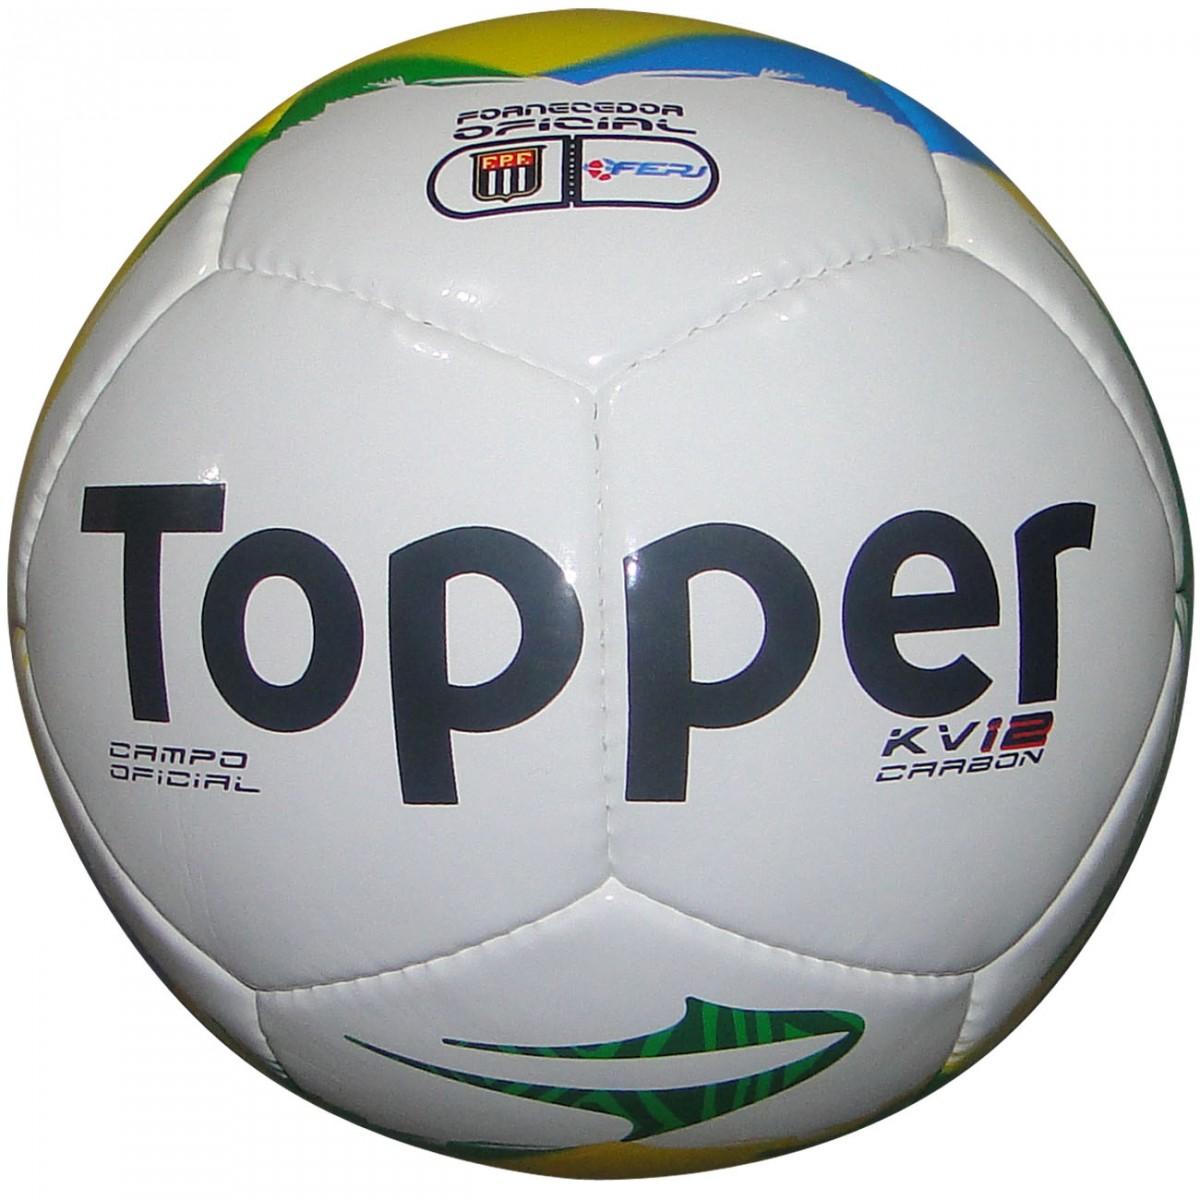 60e047409c Bola Topper Kv Carbon 4130741 0338 998 - Branco Amarelo Azul - Chuteira  Nike